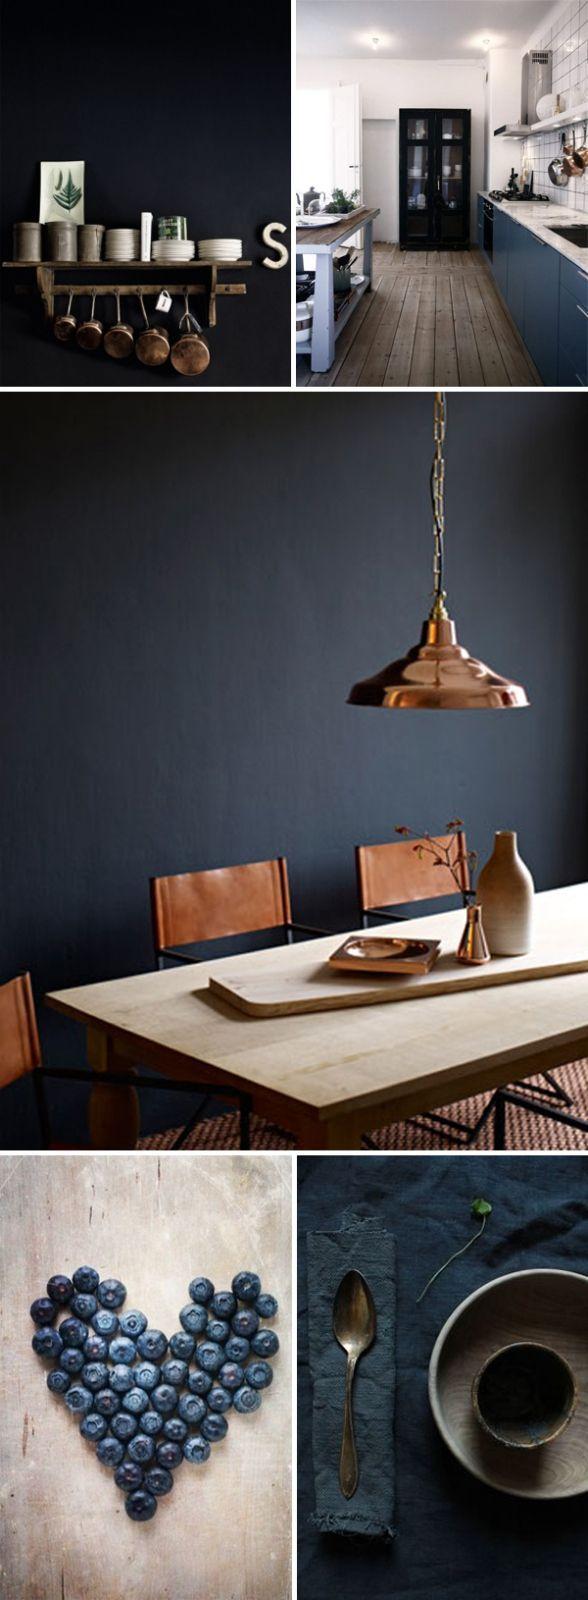 Küchendesign und farbe feeling blue  innenräume  pinterest  wandfarbe farben und haus